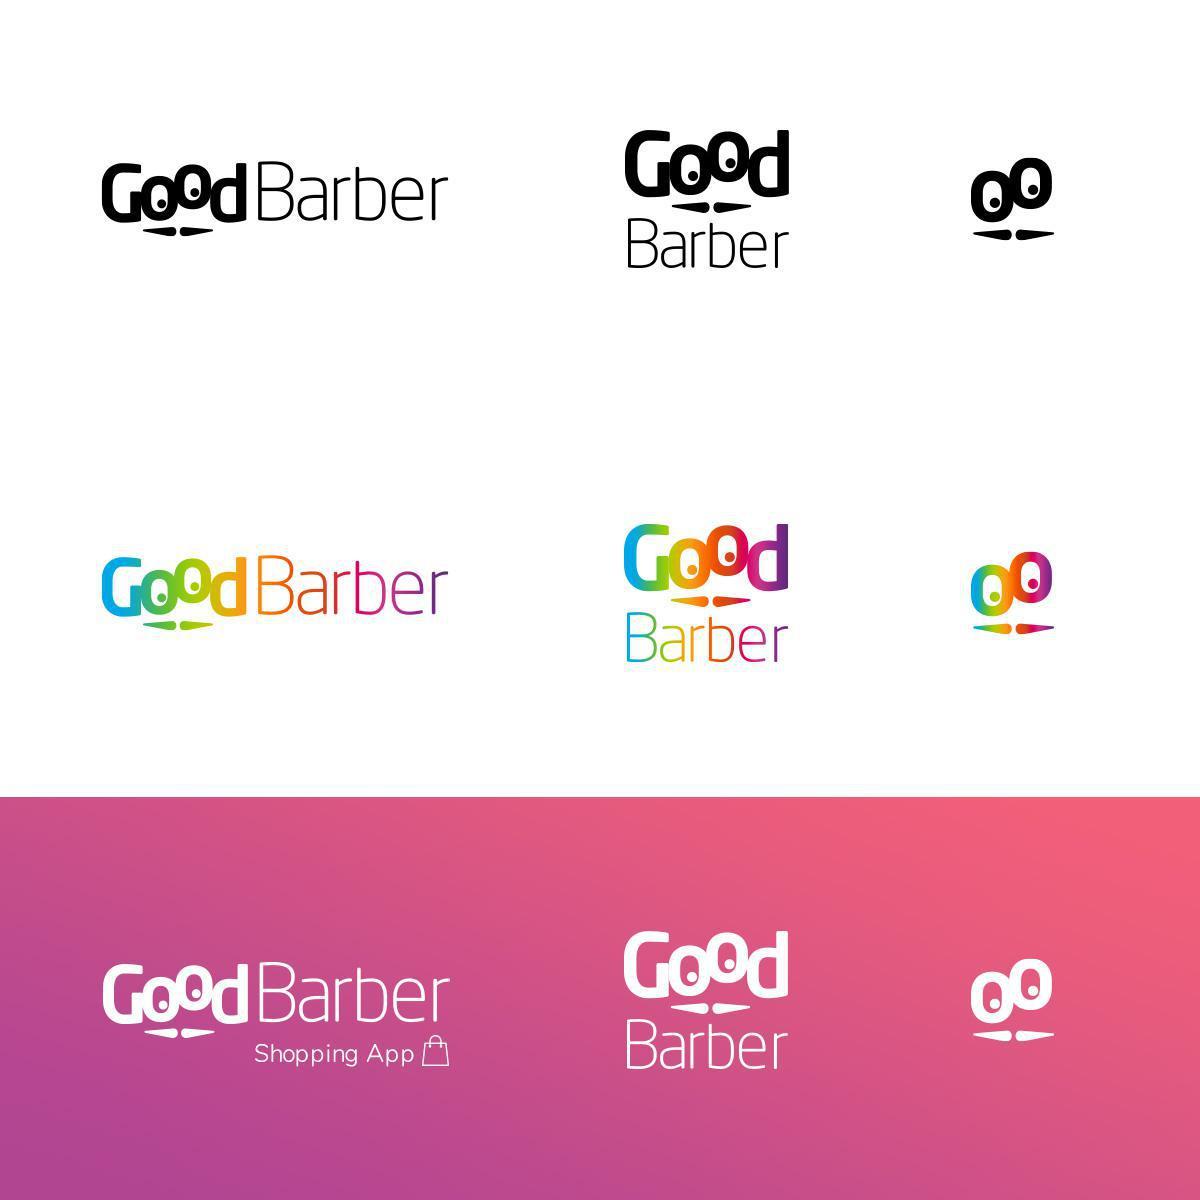 Comment créer un logo mémorable pour votre application mobile ?